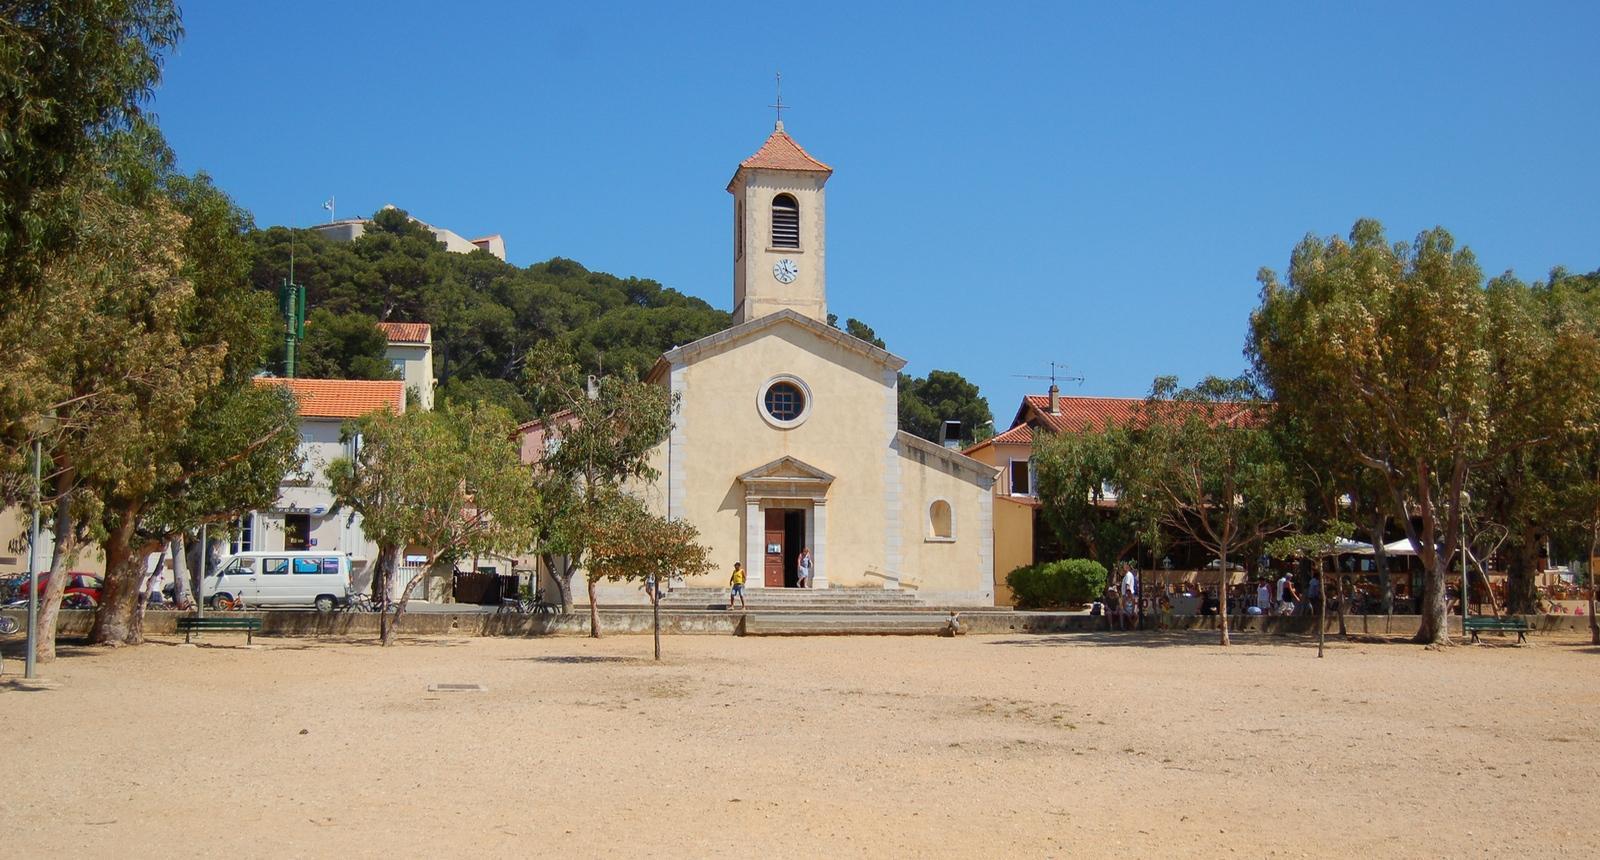 L'église de Porquerolles